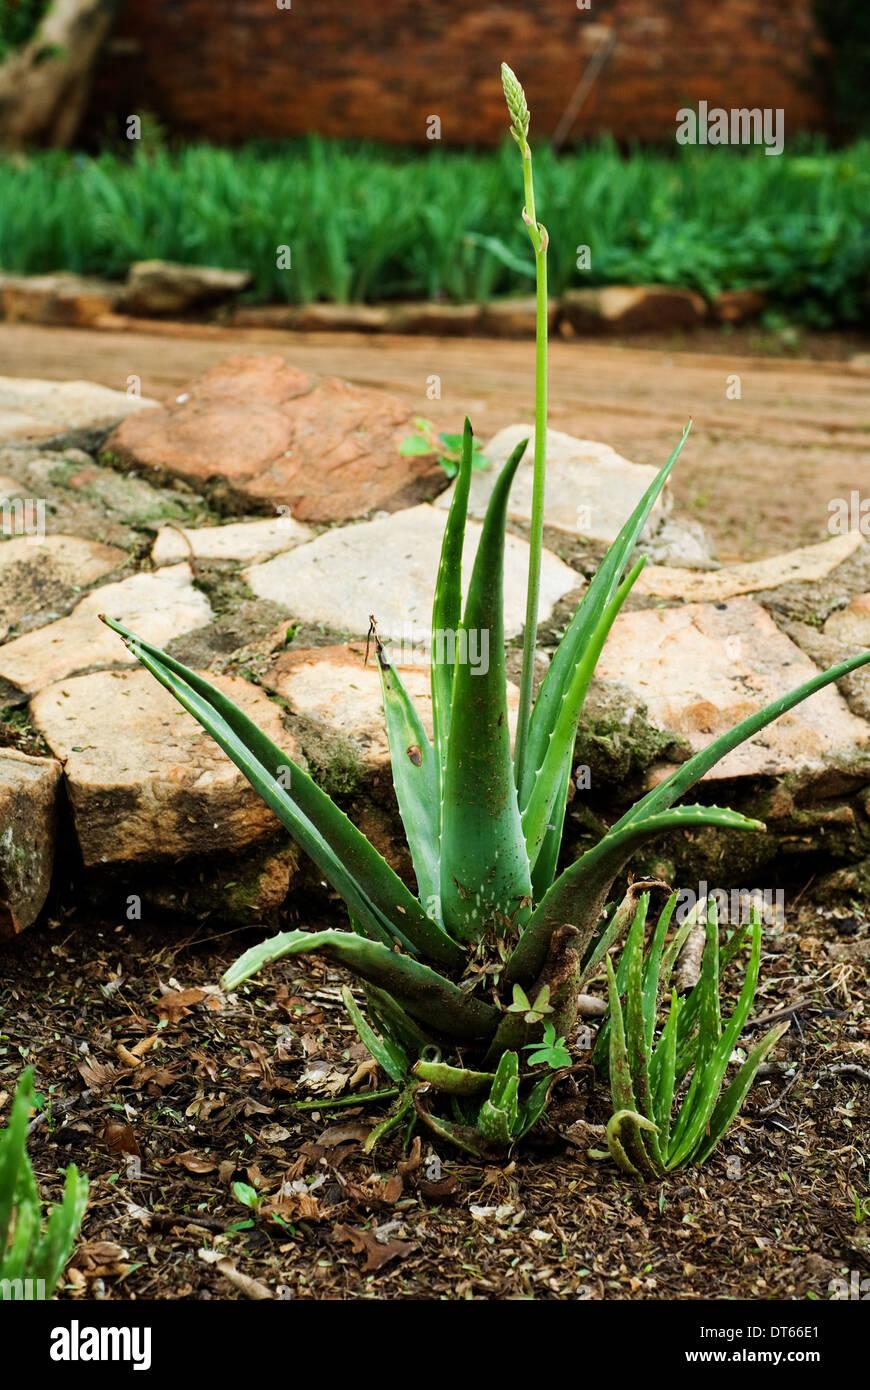 Aloe In Giardino aloe vera plant in garden stock photo: 66519657 - alamy